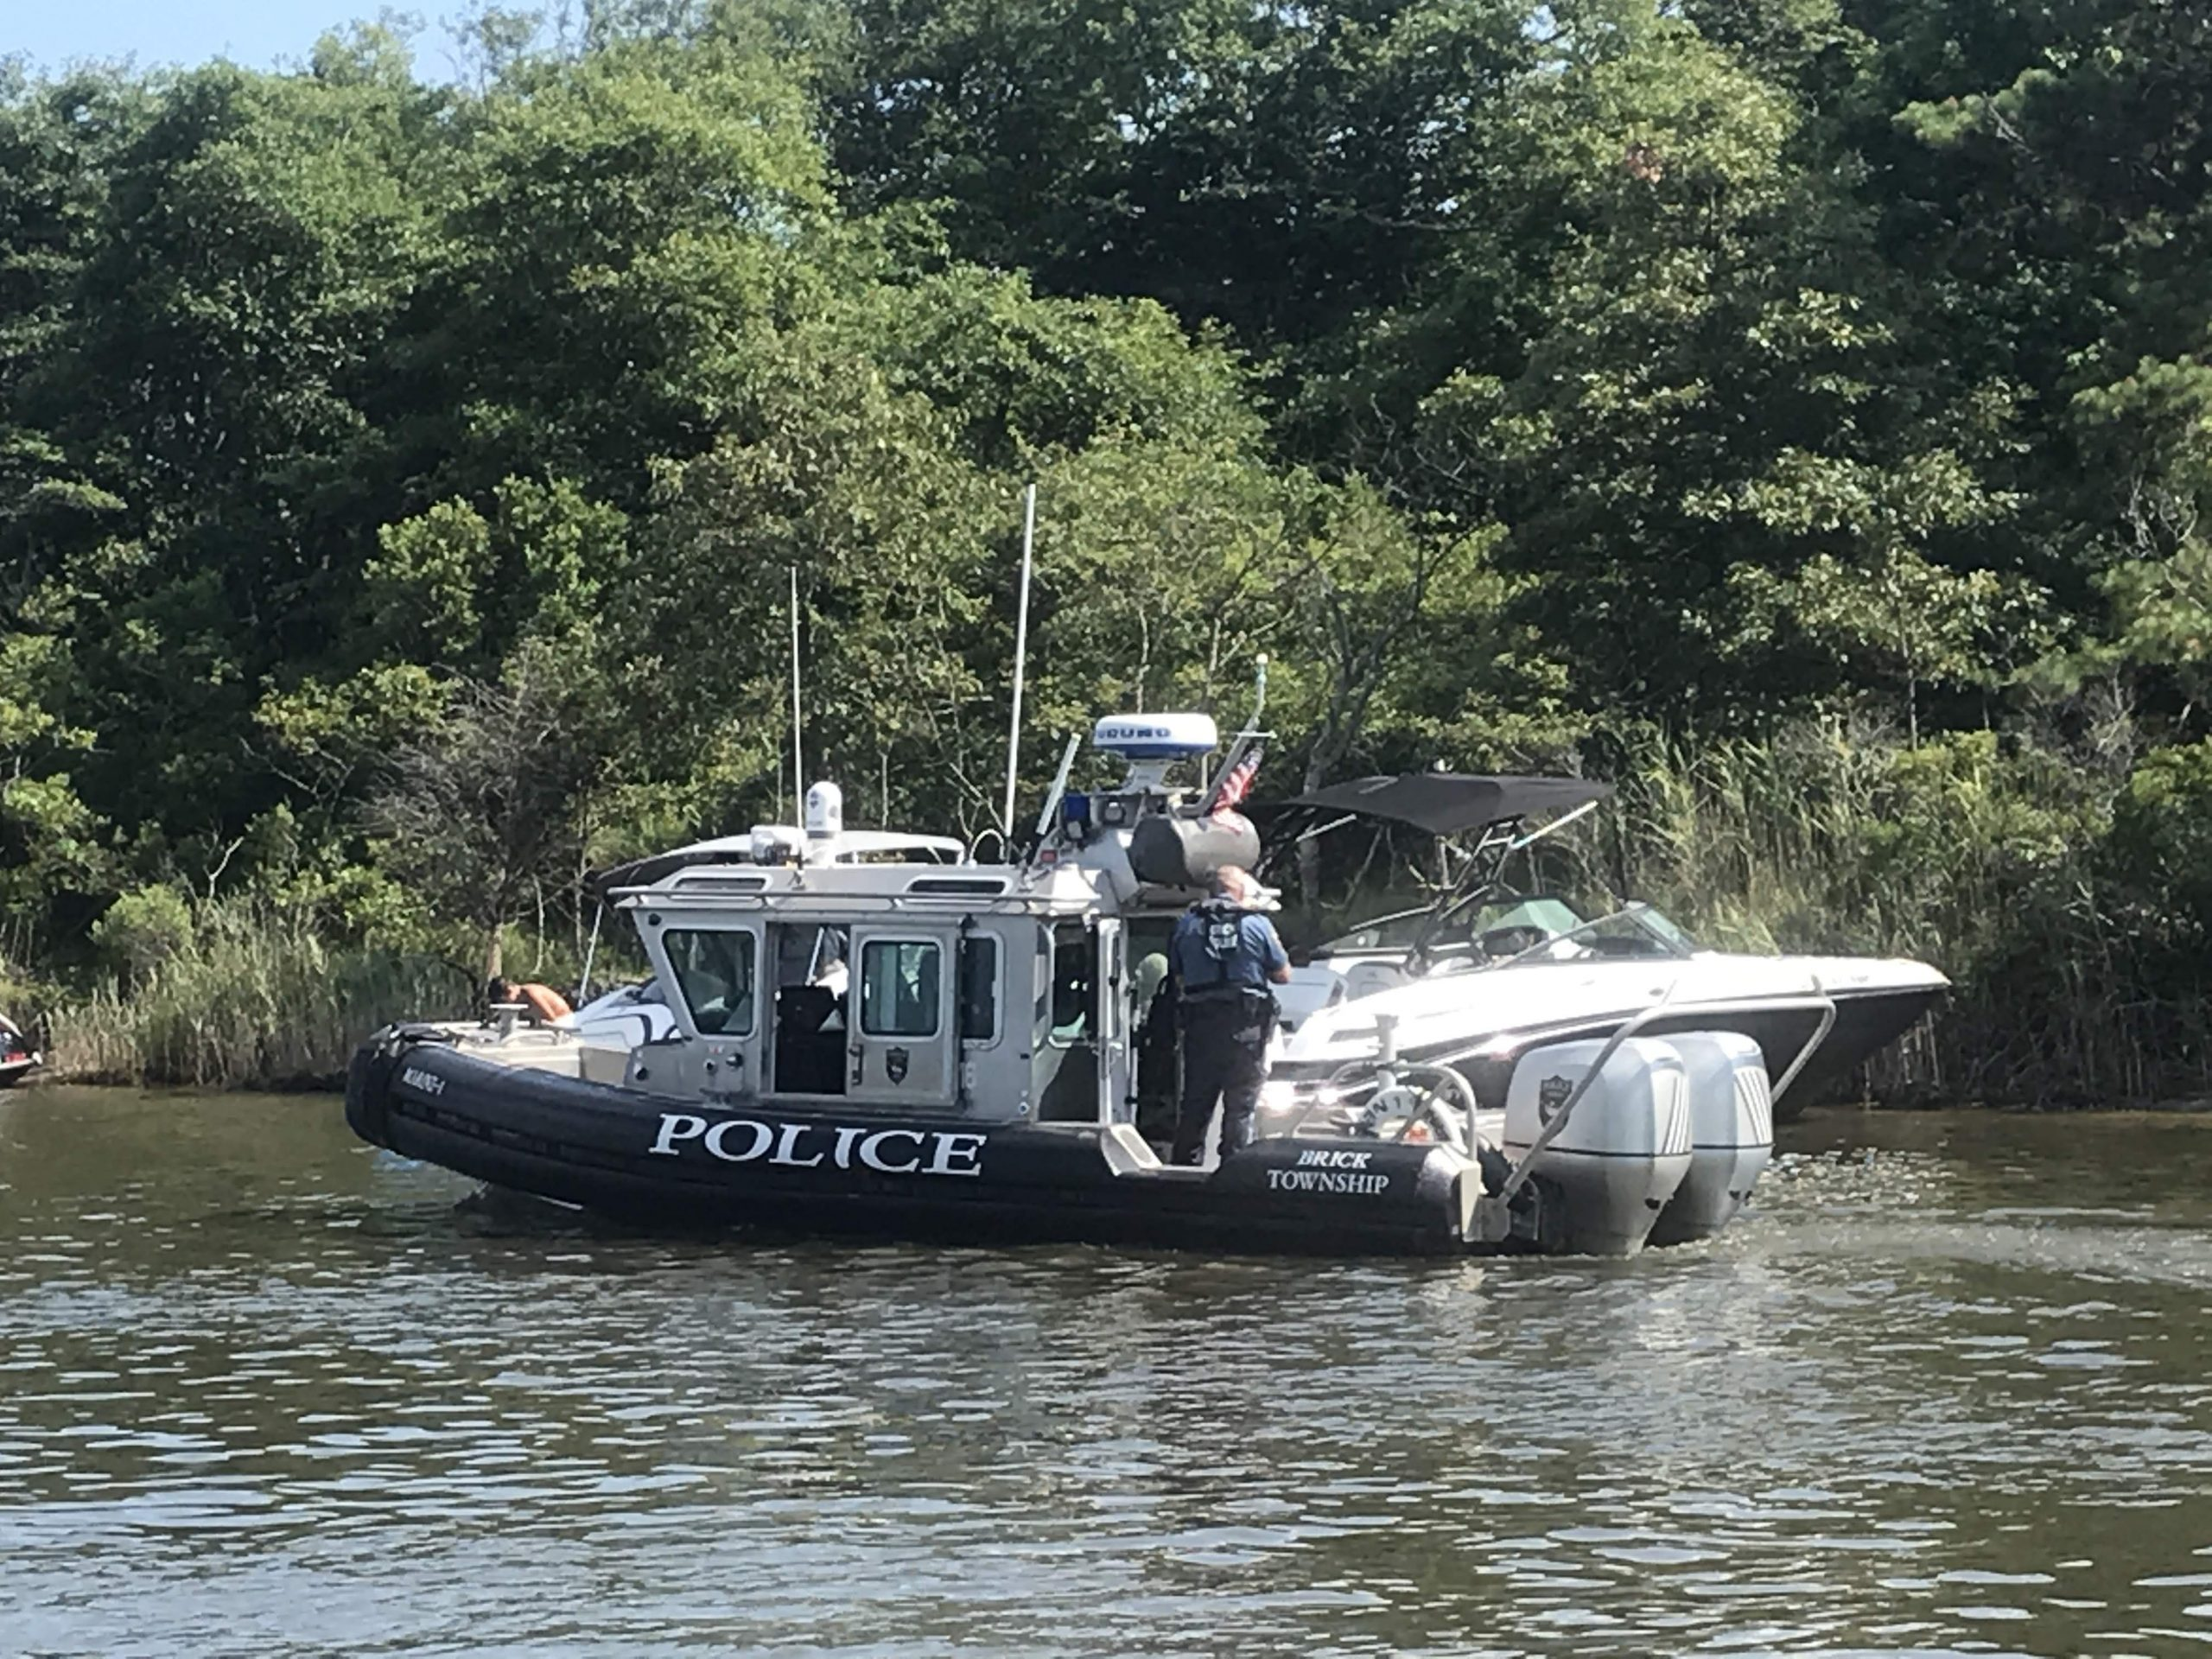 A Brick Township Police marine unit boat in F-Cove. (Photo: Daniel Nee)